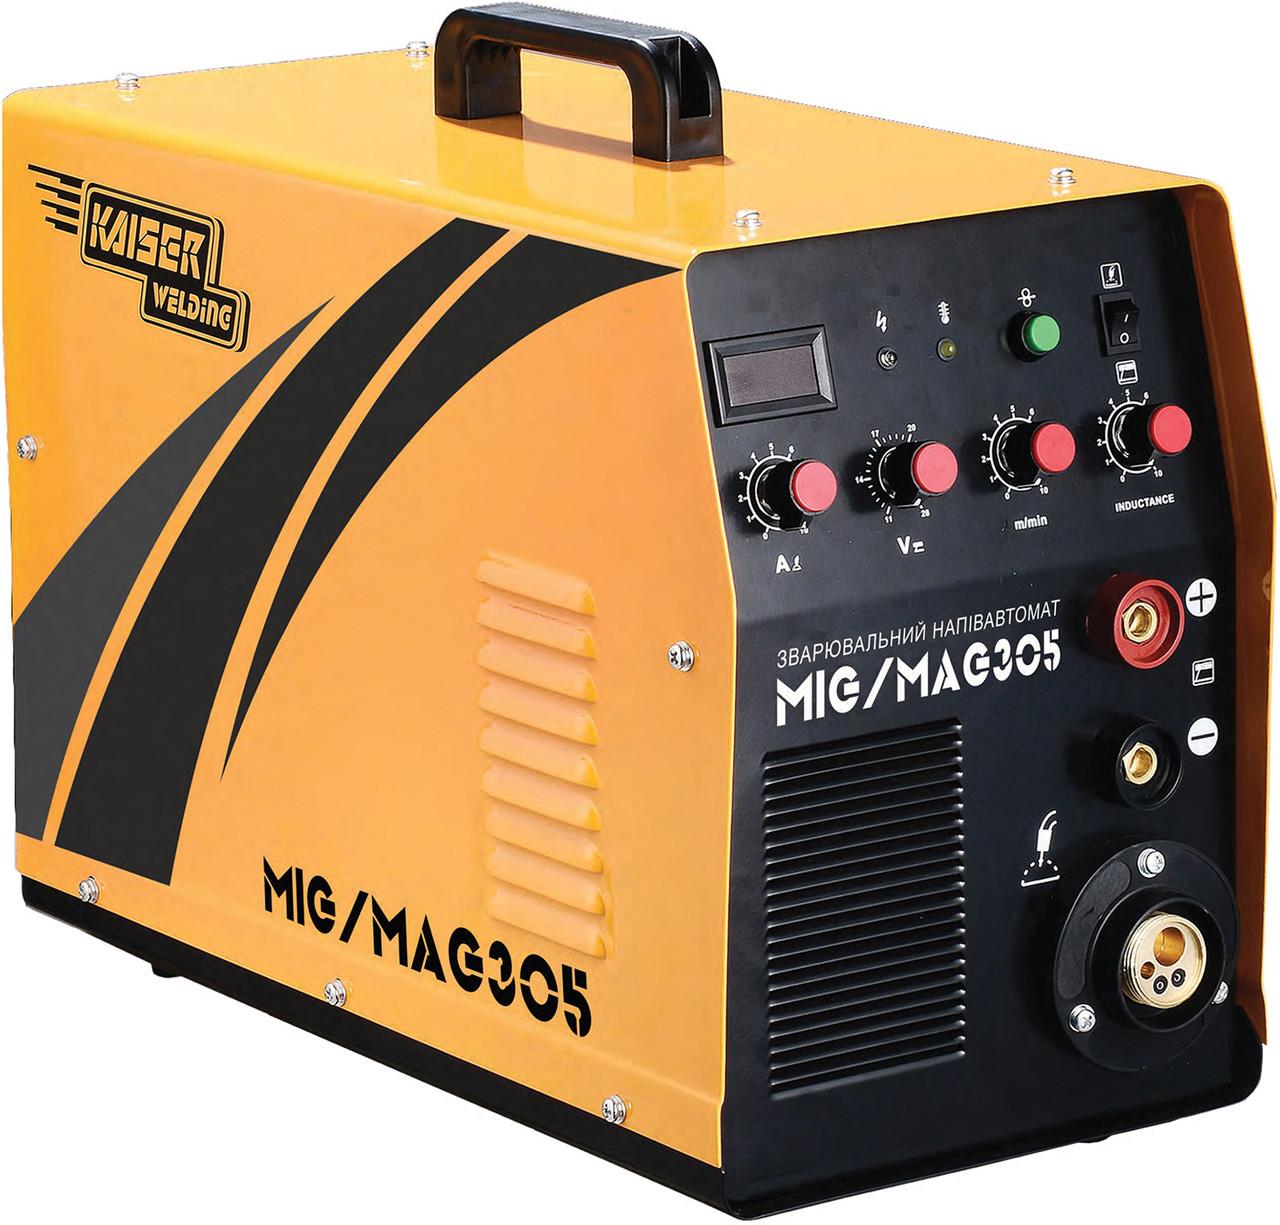 Зварювальний напівавтомат Kaiser MIG-305 (7 кВт, 305А, дріт 0.6-1.0 мм)